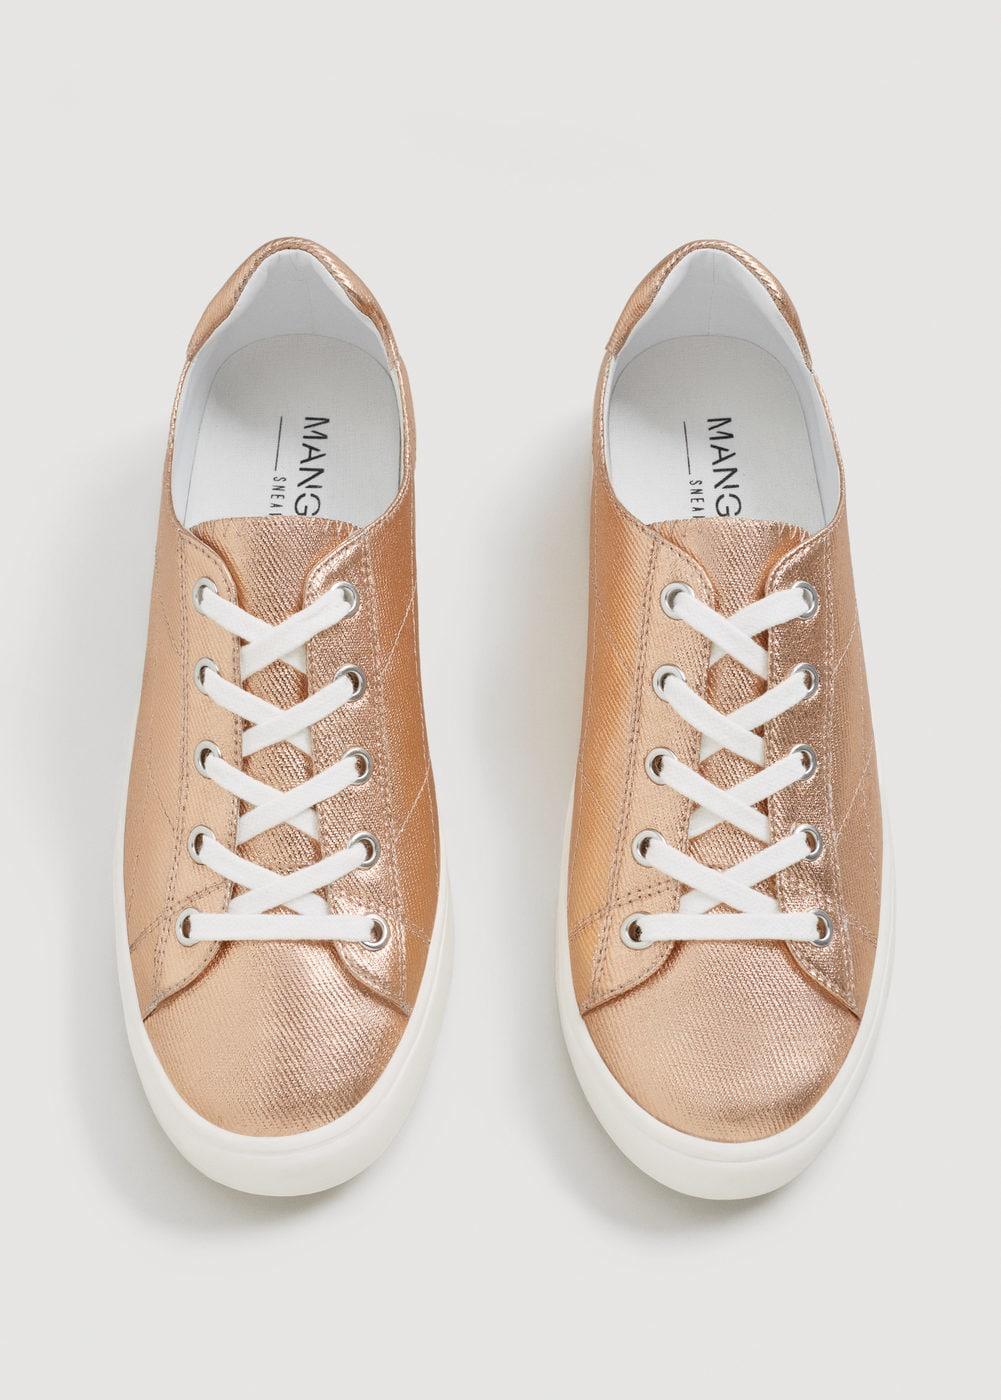 Sneakers effetto metallizzato Mango collezione primavera estate 2018